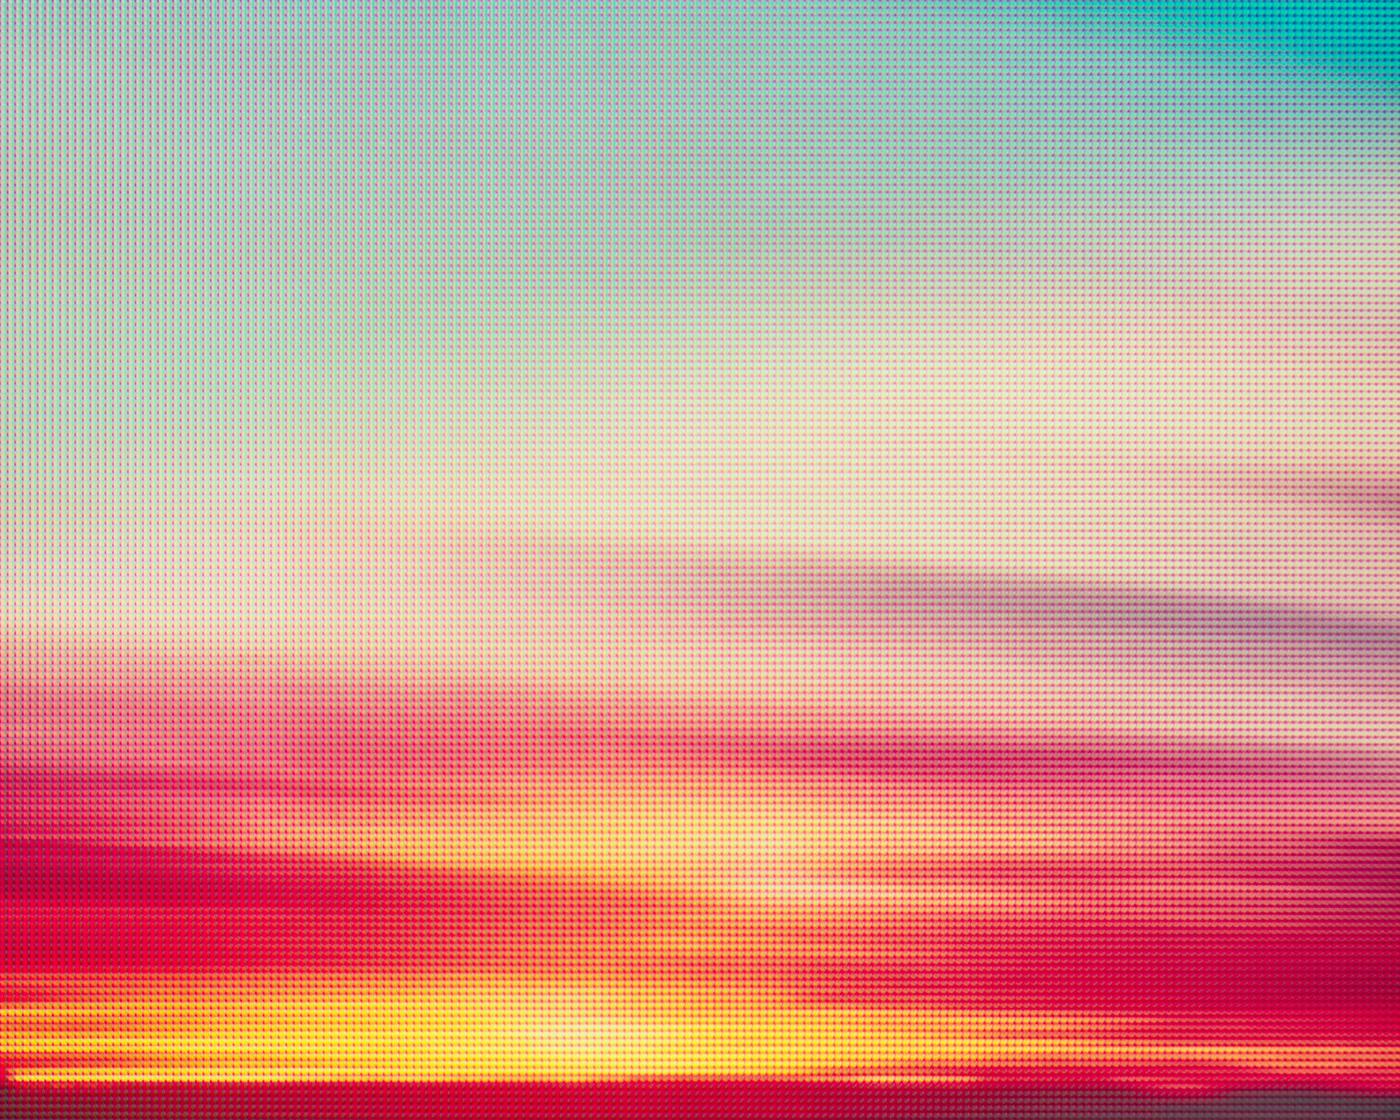 sg_sunrise_17.jpg